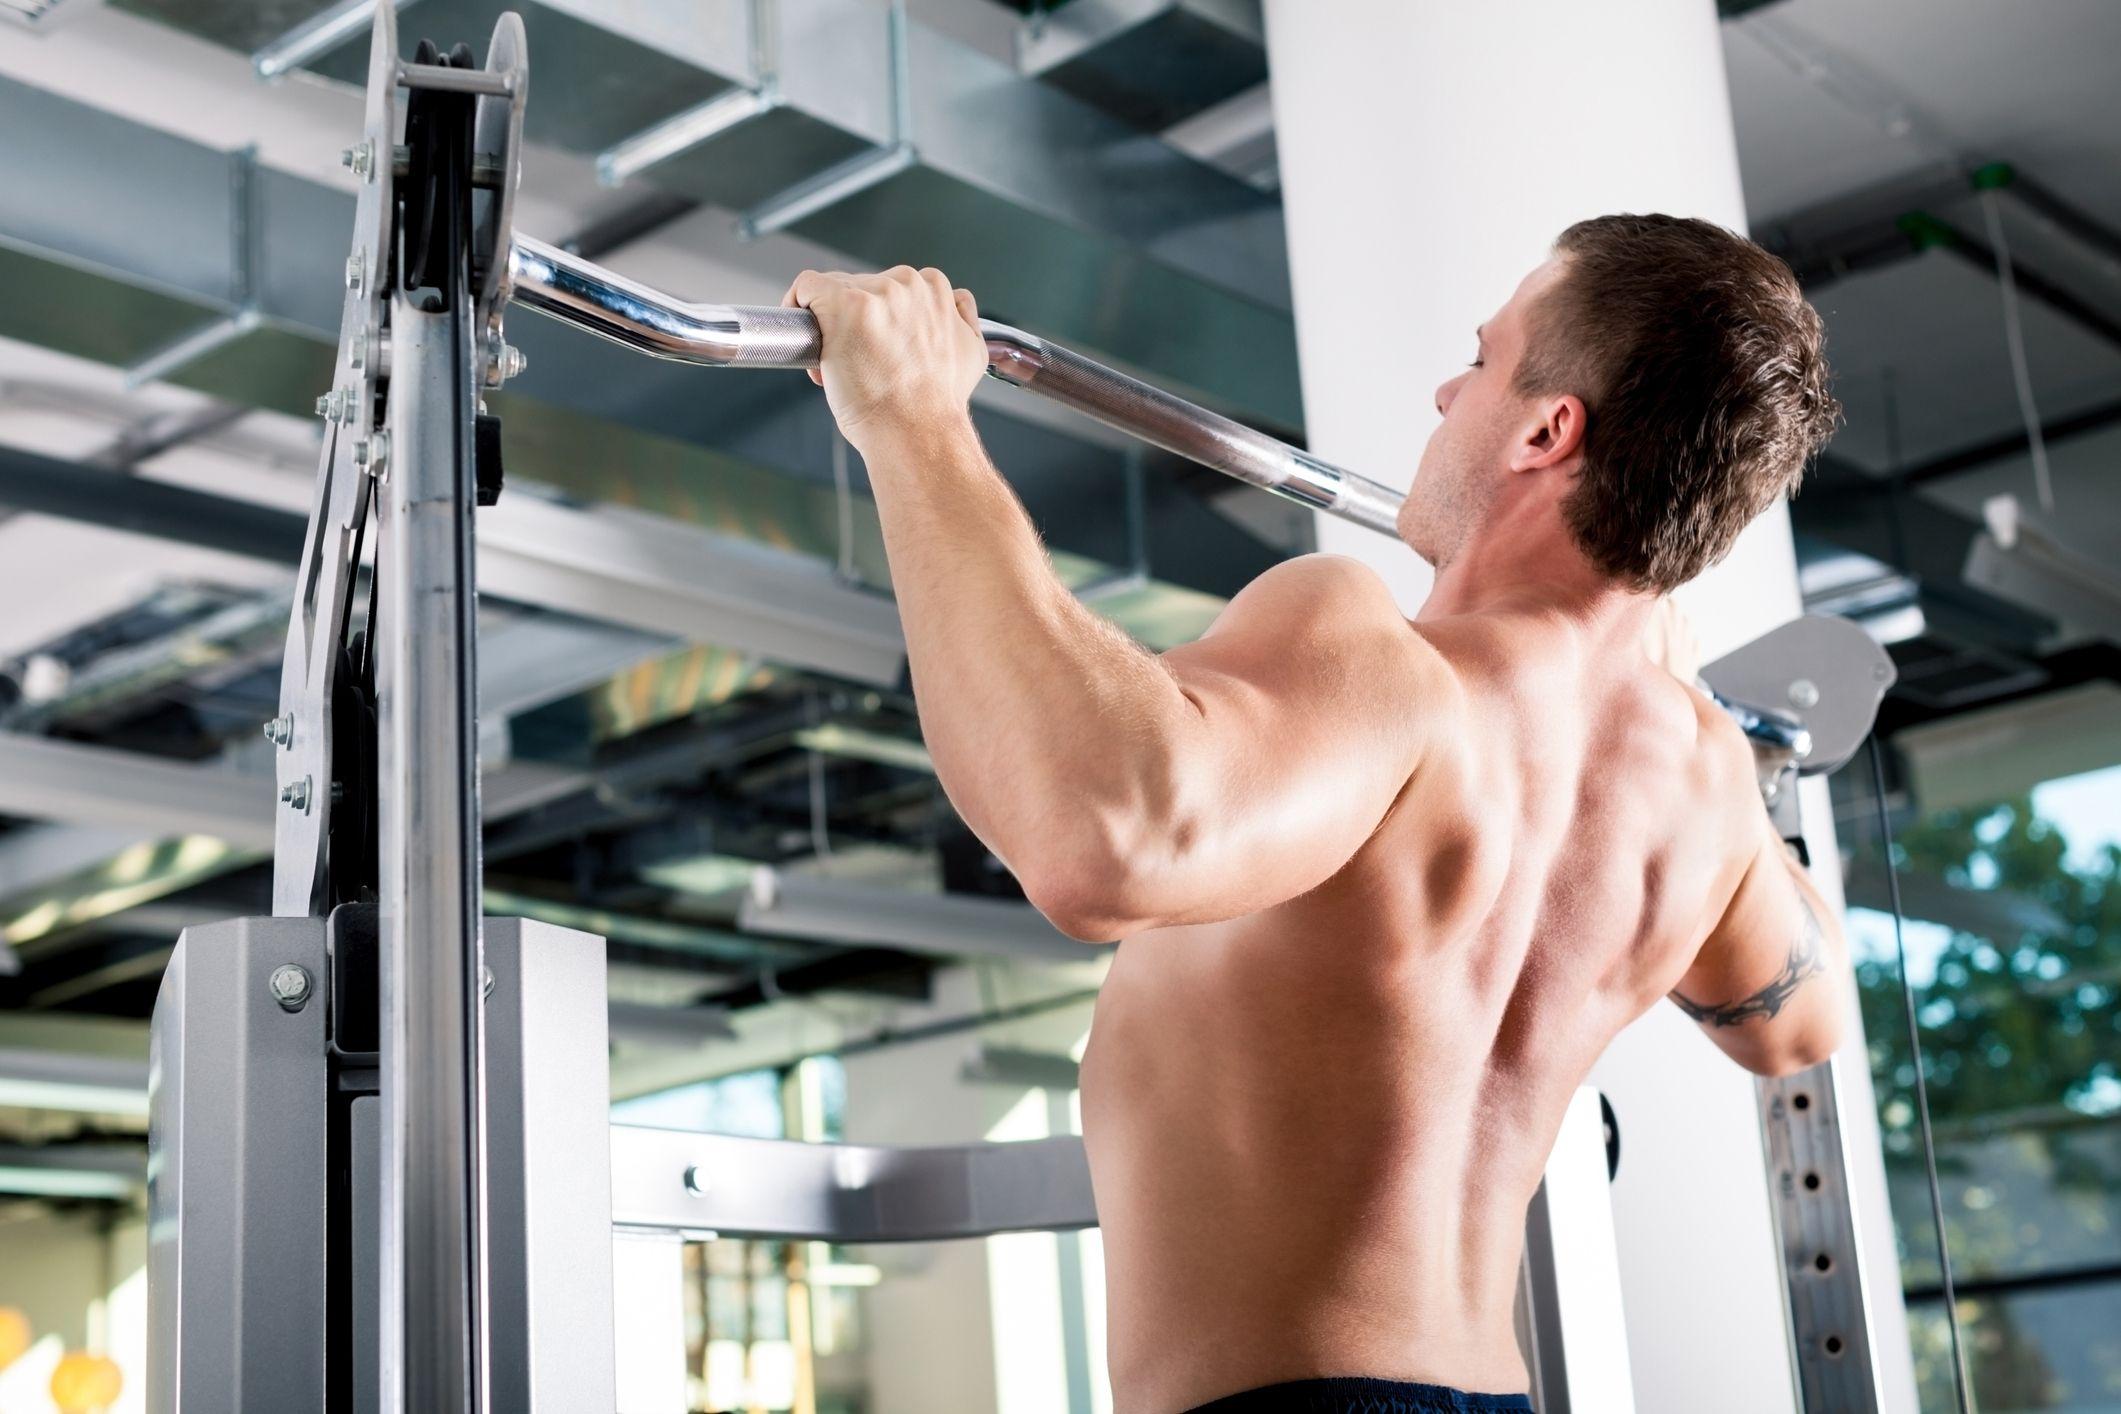 ¿Qué es el entrenamiento AMRAP? El CrossFit nos pone a hacer tantas repeticiones sin parar